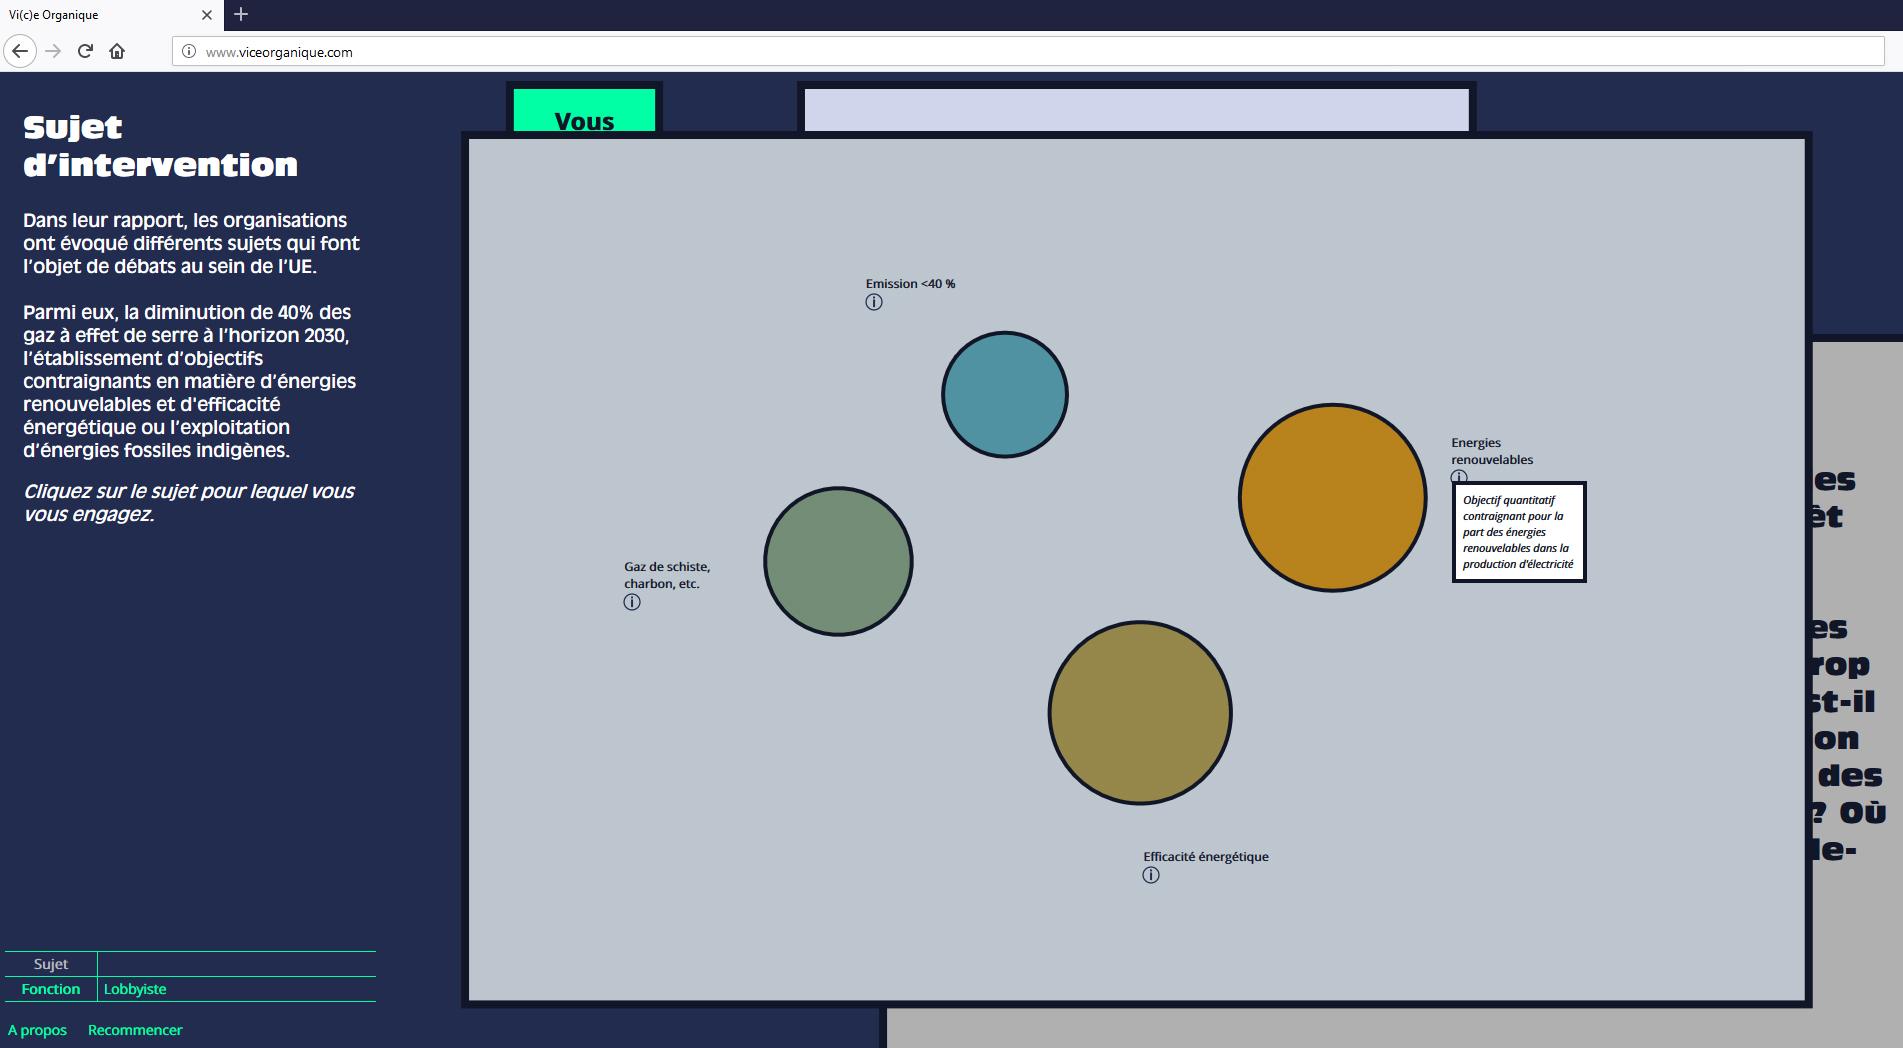 Etape 1 (identification). Capture Vi(c)e organique.